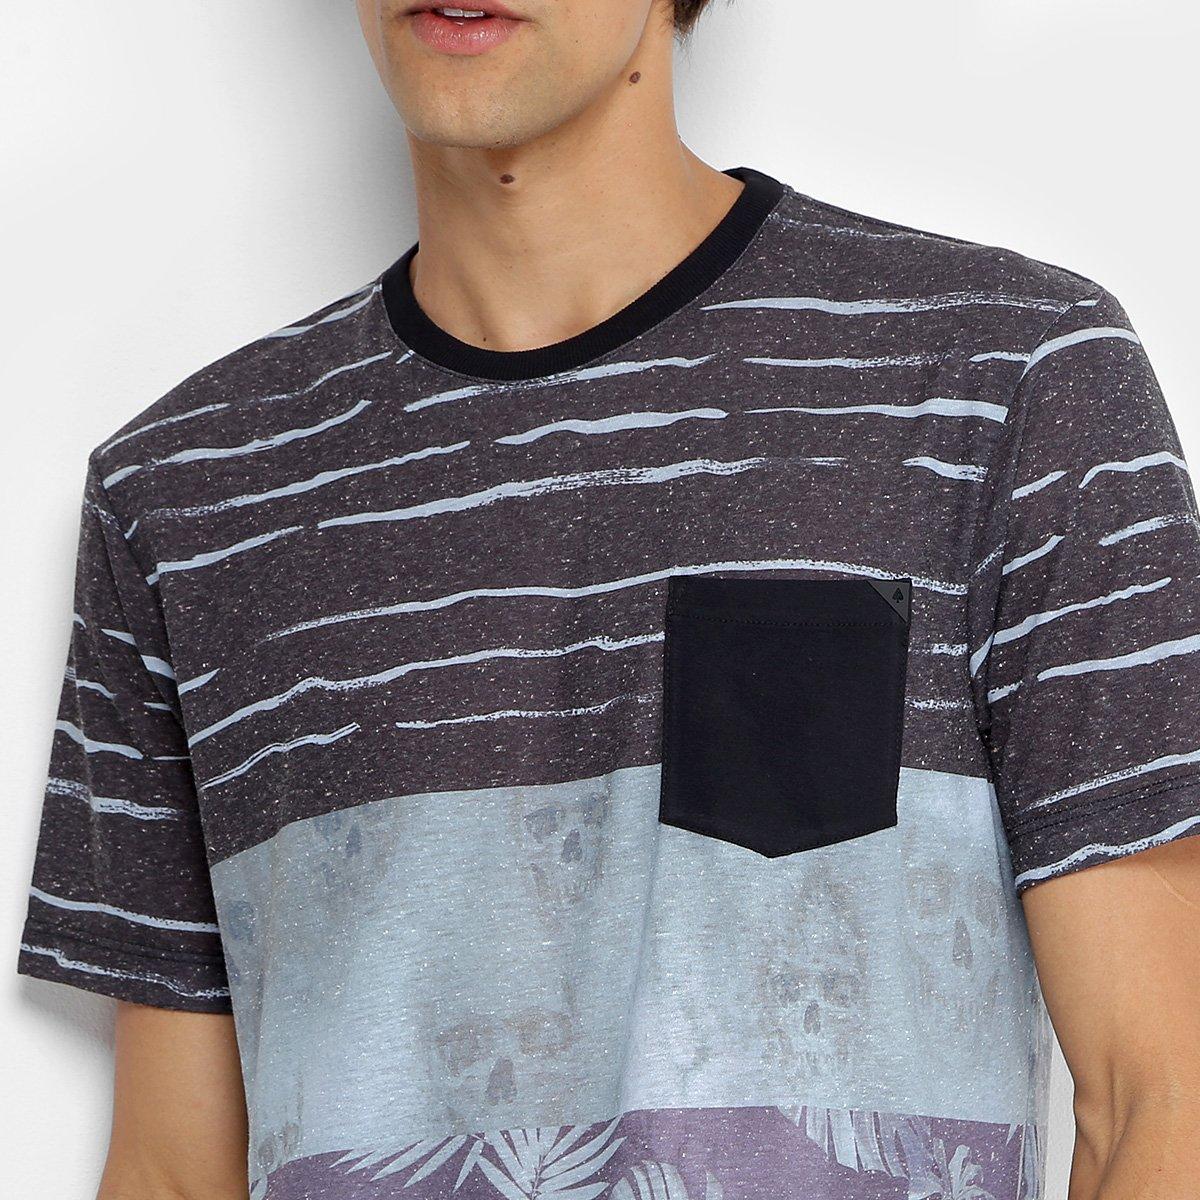 Camiseta MCD Especial Geo Organic Masculina - Verde e Roxo - Compre ... fb53de9257f